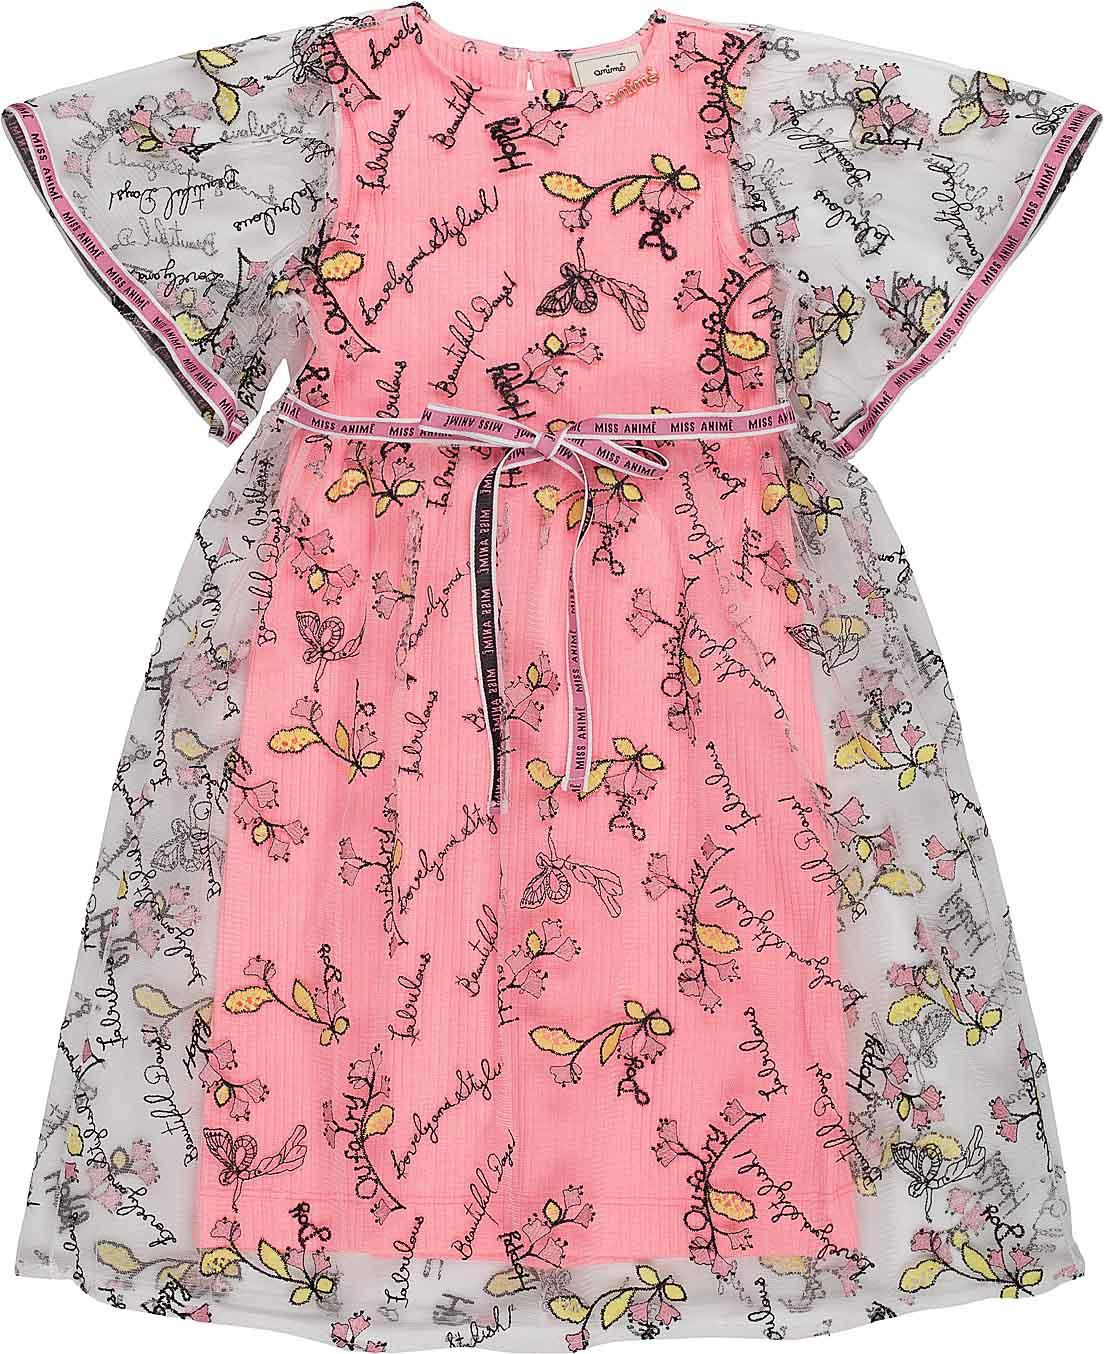 Vestido Infantil Feminino Animê